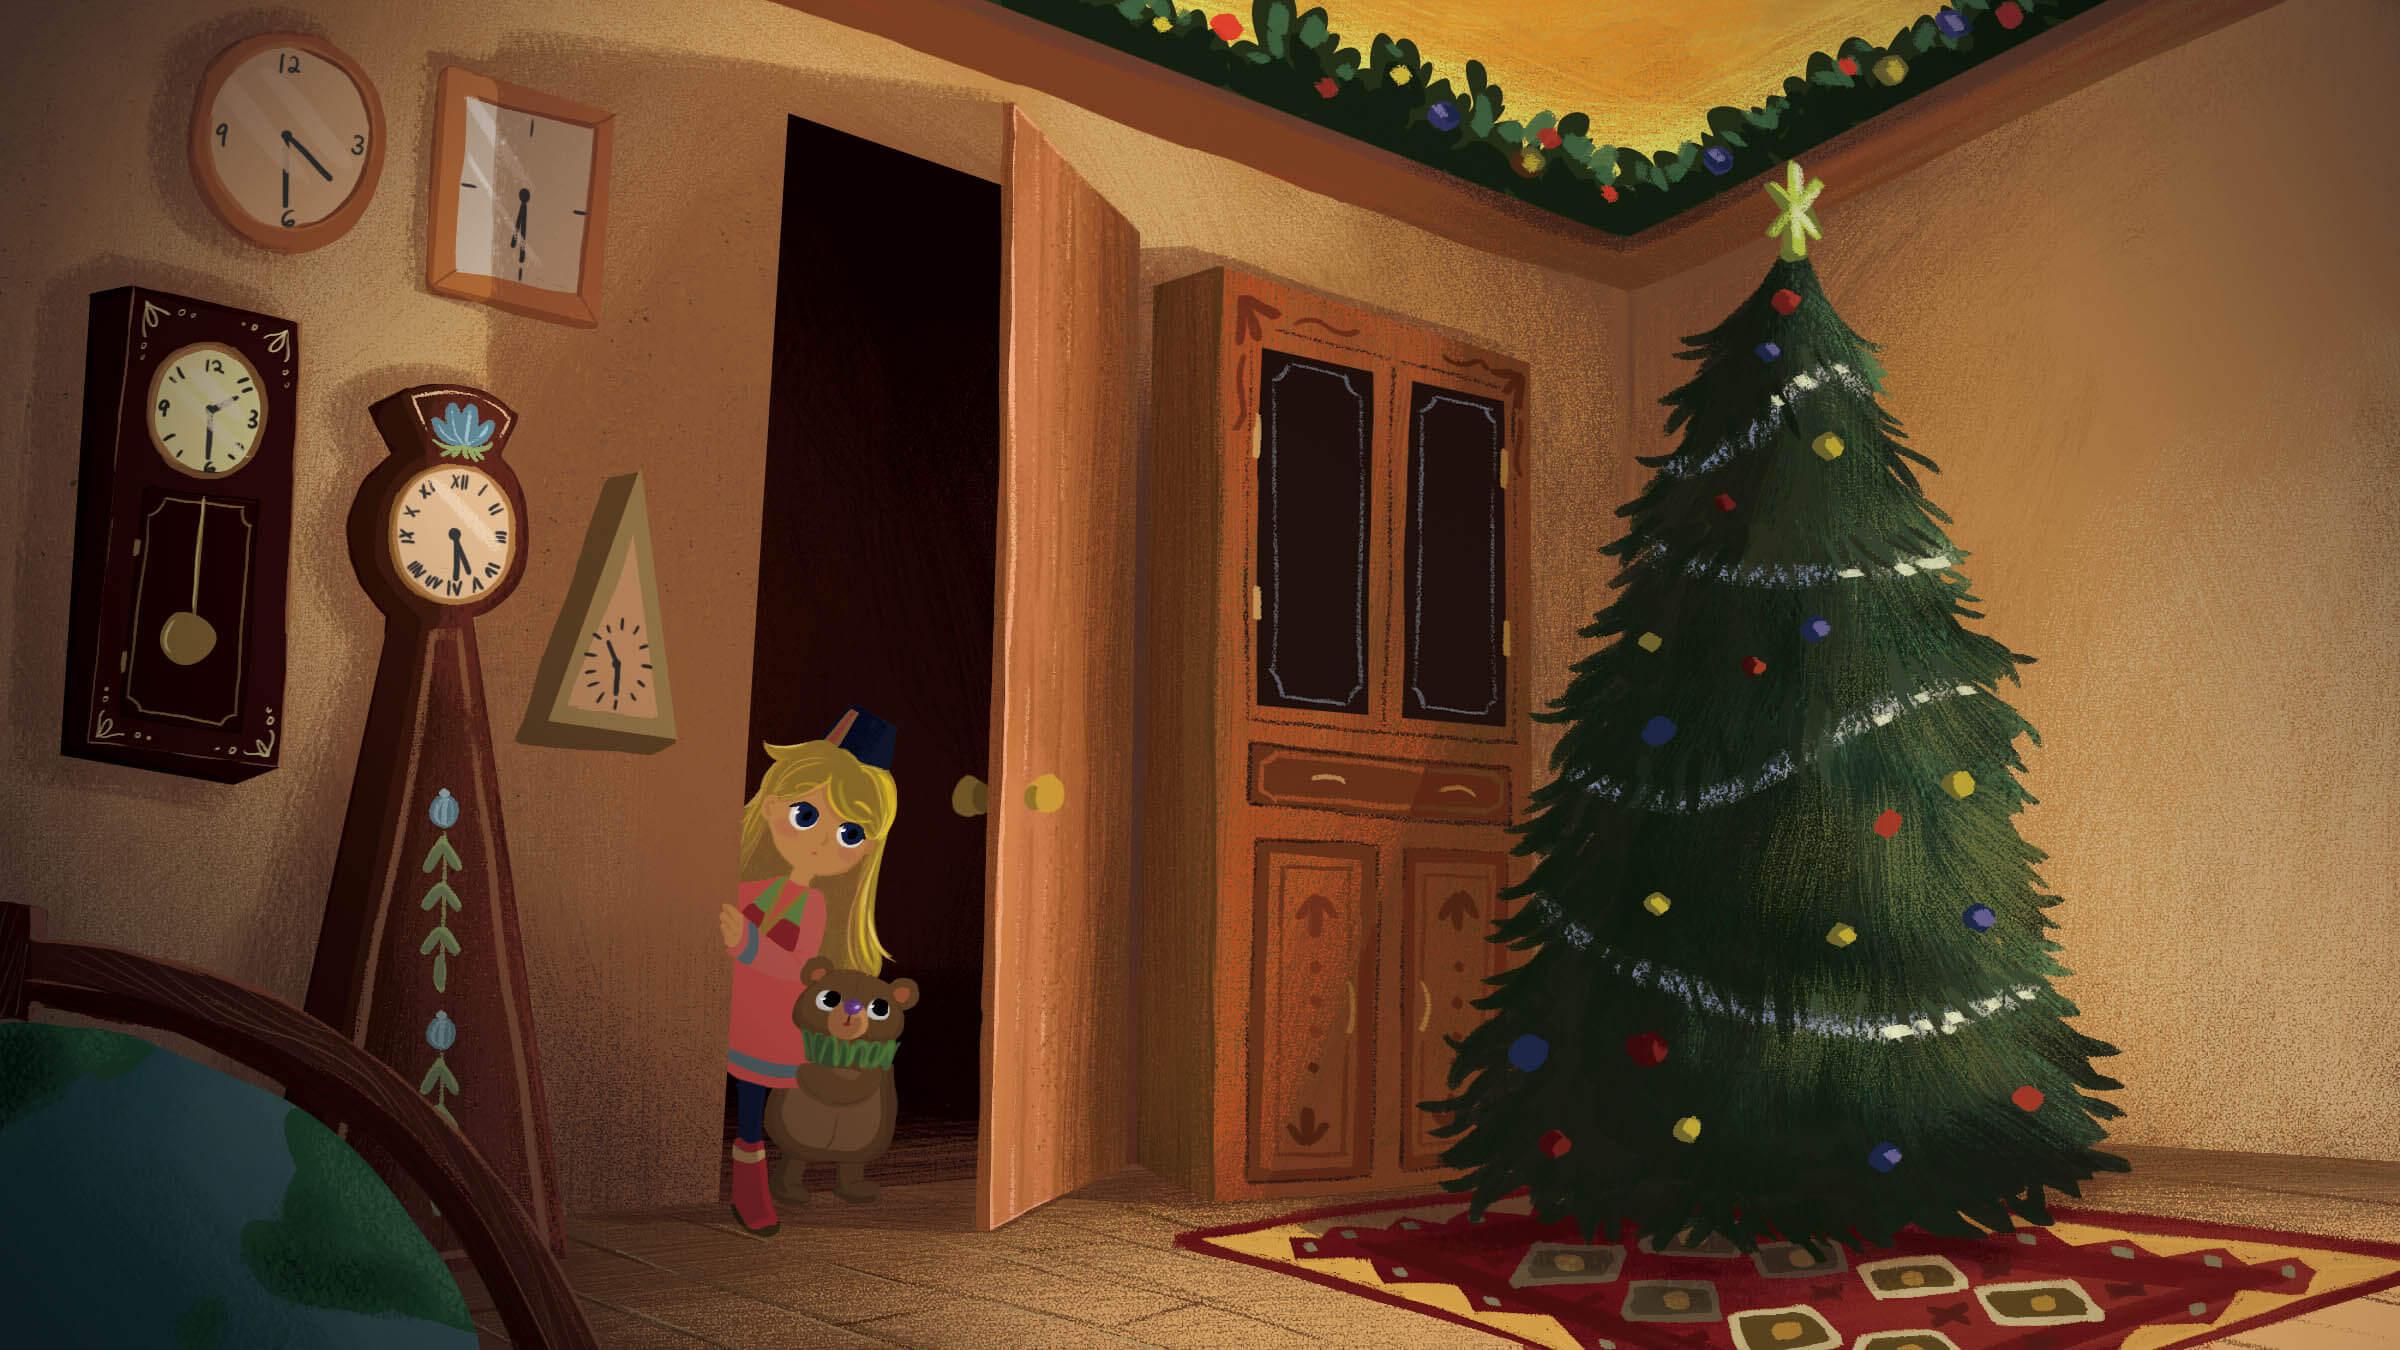 如果聖誕老人有孫女,她會不會在聖誕節特別難過呢?留美藝術家用繪本重新詮釋傳說故事